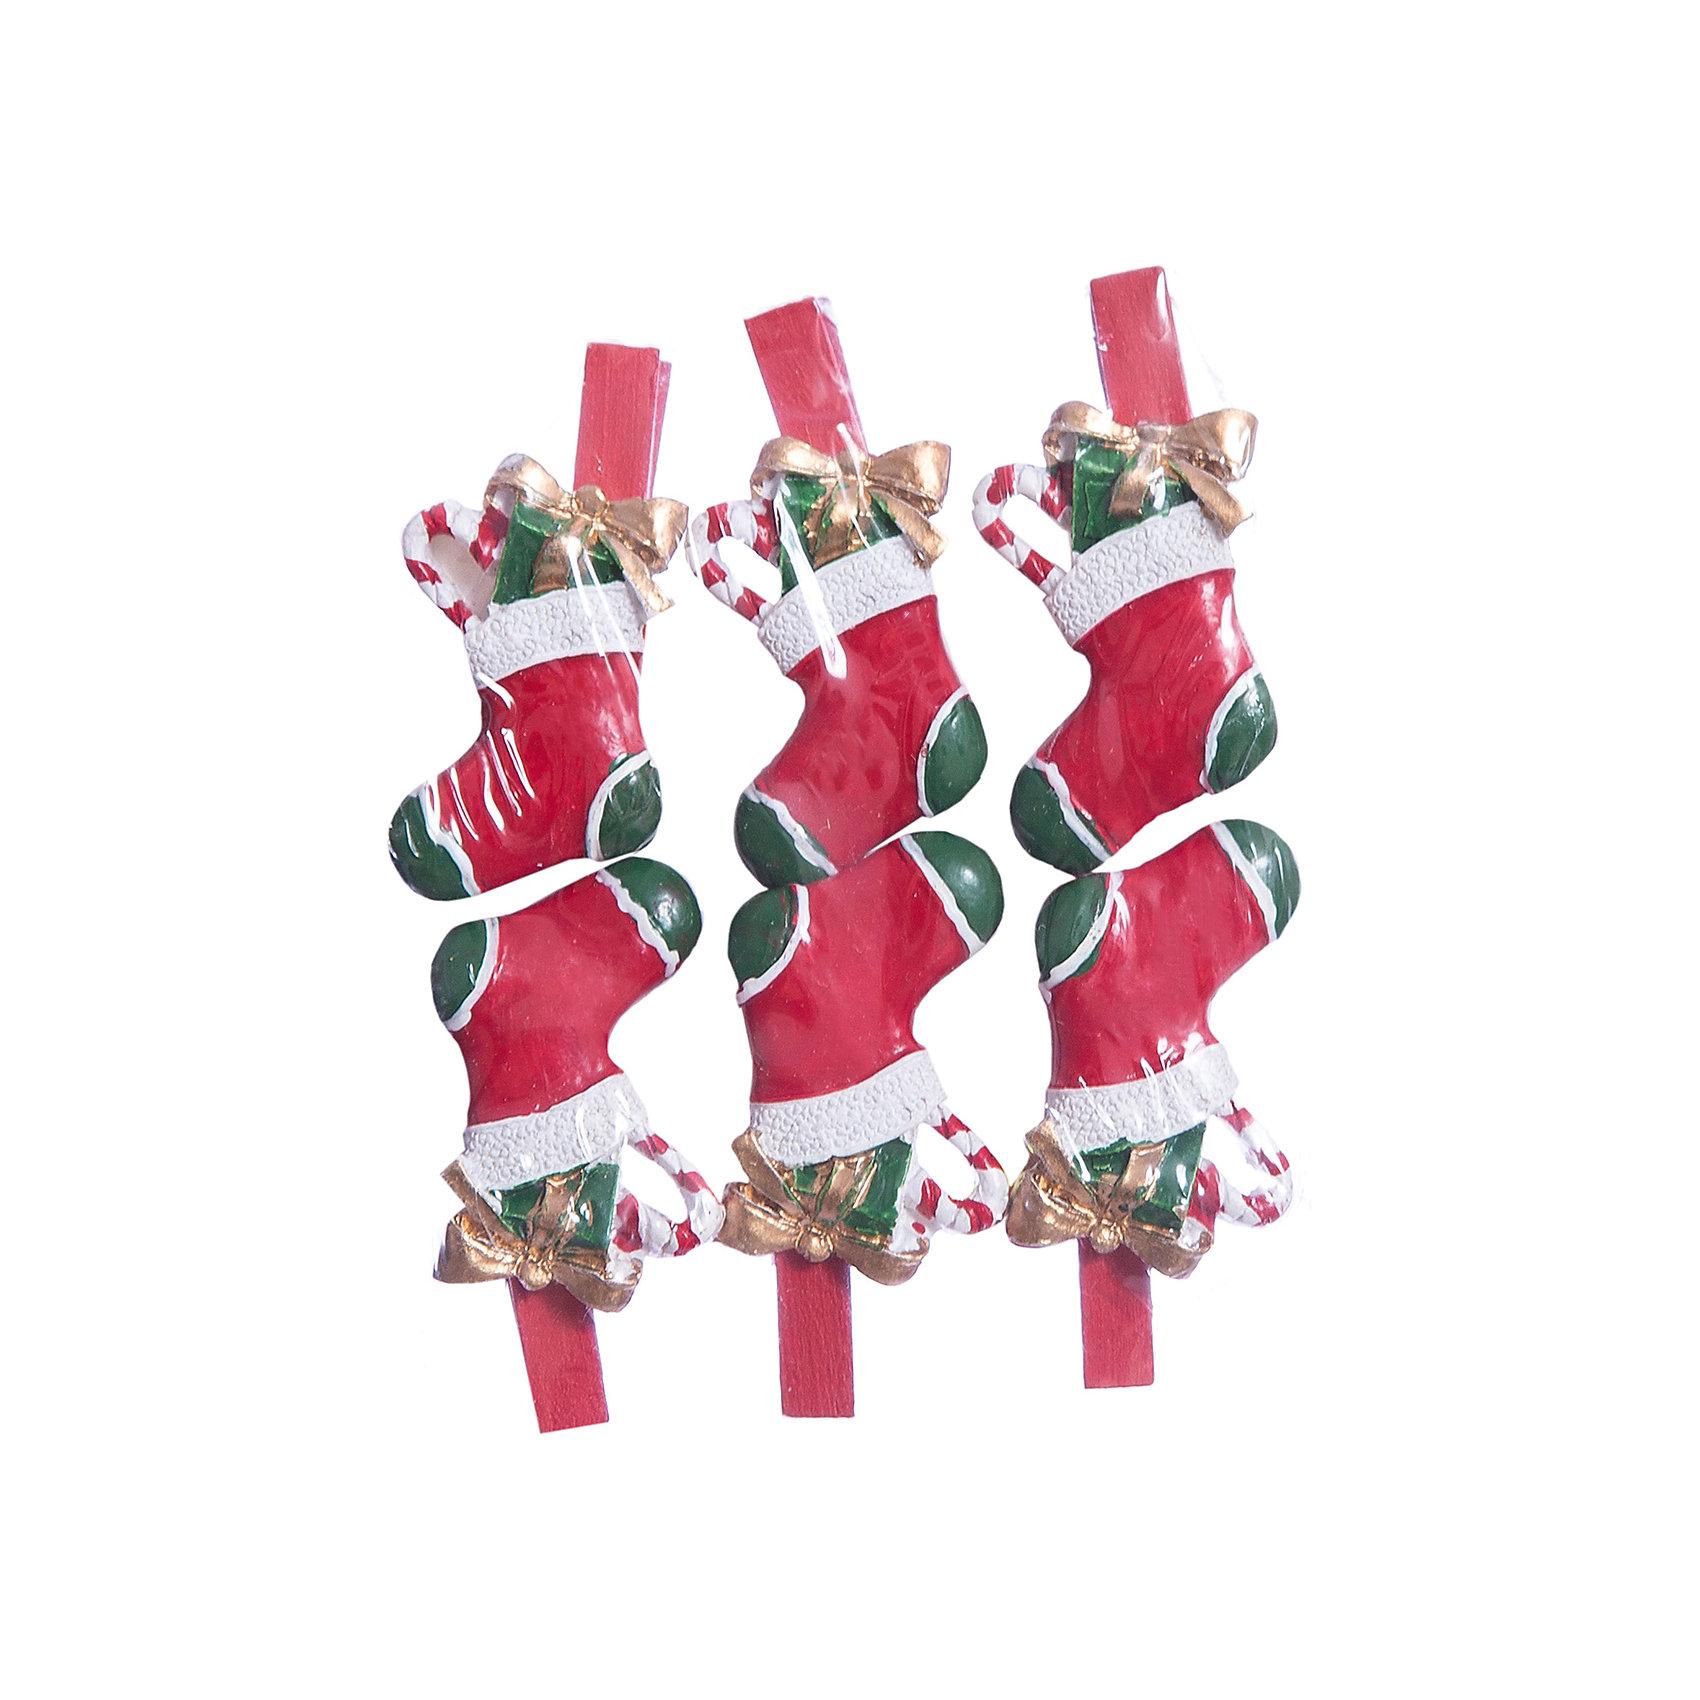 Набор прищепок Носочки с подарками 6 штПриближение Нового года не может не радовать! Праздничное настроение создает в первую очередь украшенный дом и, особенно, наряженная ёлка. Будь она из леса или искусственная - такие подвесные игрушки украсят любую!<br>Они сделаны из безопасного для детей, прочного, но легкого, материала, поэтому не разобьются, упав на пол. На украшениях есть прищепка, чтобы их можно было крепить на ёлку. Благодаря расцветке украшение отлично смотрится на ёлке. Создайте с ним праздничное настроение себе и близким!<br><br>Дополнительная информация:<br><br>размер: 10 х 9 х 2 см;<br>материал: полирезина;<br>комплектация: 6 шт.<br><br>Набор прищепок Носочки с подарками 6 шт можно купить в нашем магазине.<br><br>Ширина мм: 150<br>Глубина мм: 150<br>Высота мм: 60<br>Вес г: 49<br>Возраст от месяцев: 36<br>Возраст до месяцев: 2147483647<br>Пол: Унисекс<br>Возраст: Детский<br>SKU: 4981651